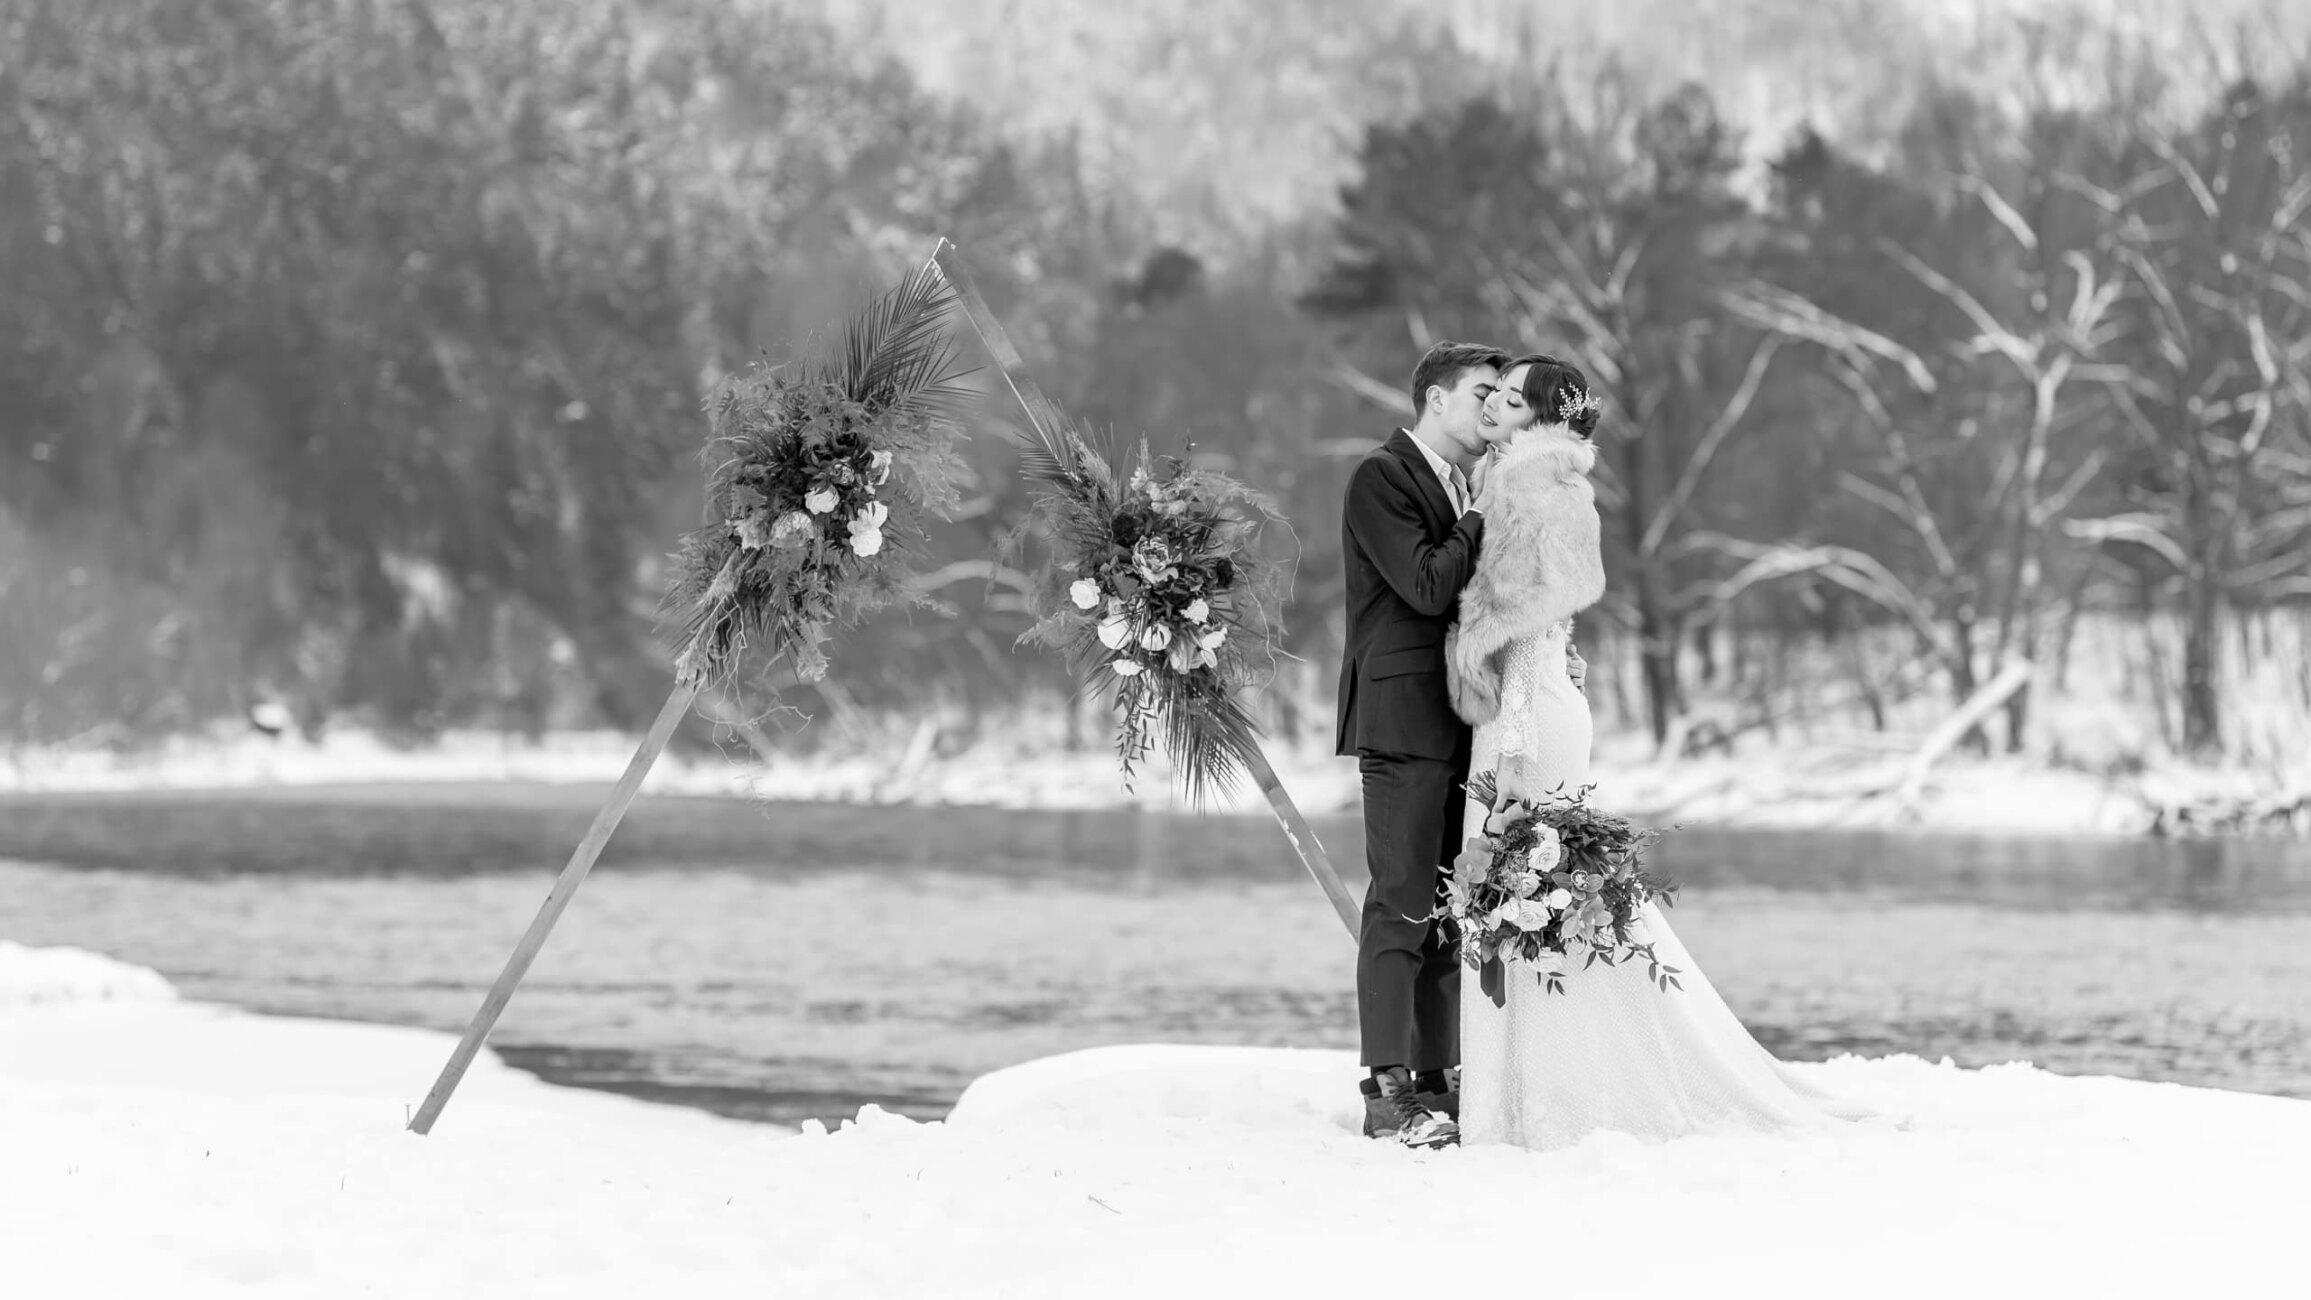 Plener ślubny Małopolska, idealne miejsce na sesję ślubną